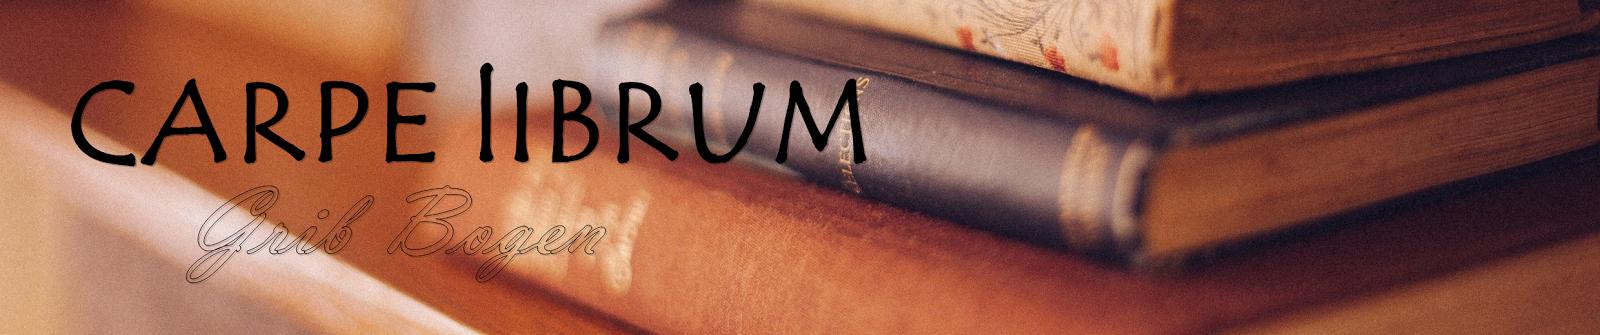 Carpe Librum - Grib Bogen